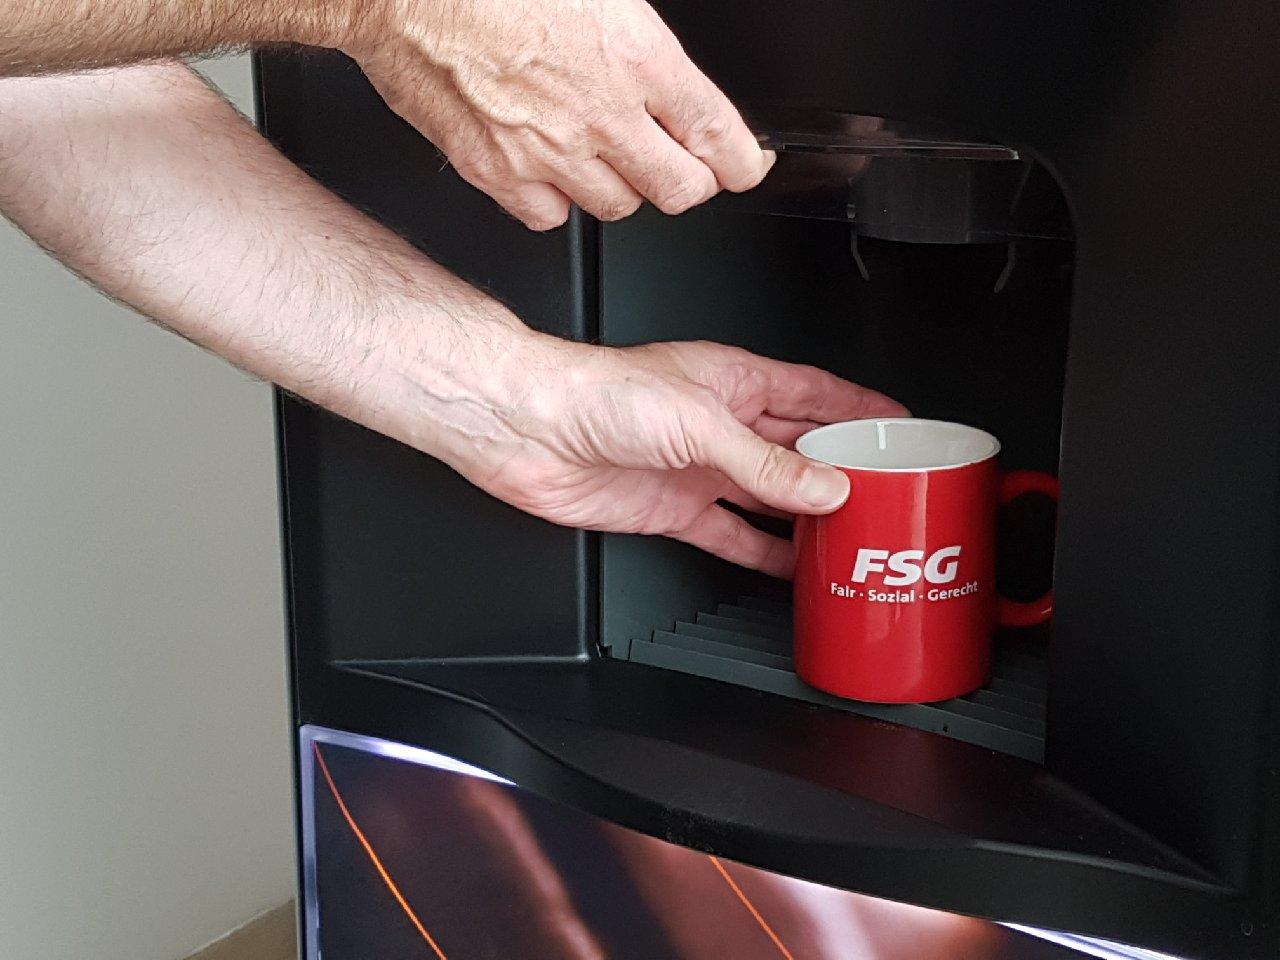 Kaffeeautomaten und Einwegbecher